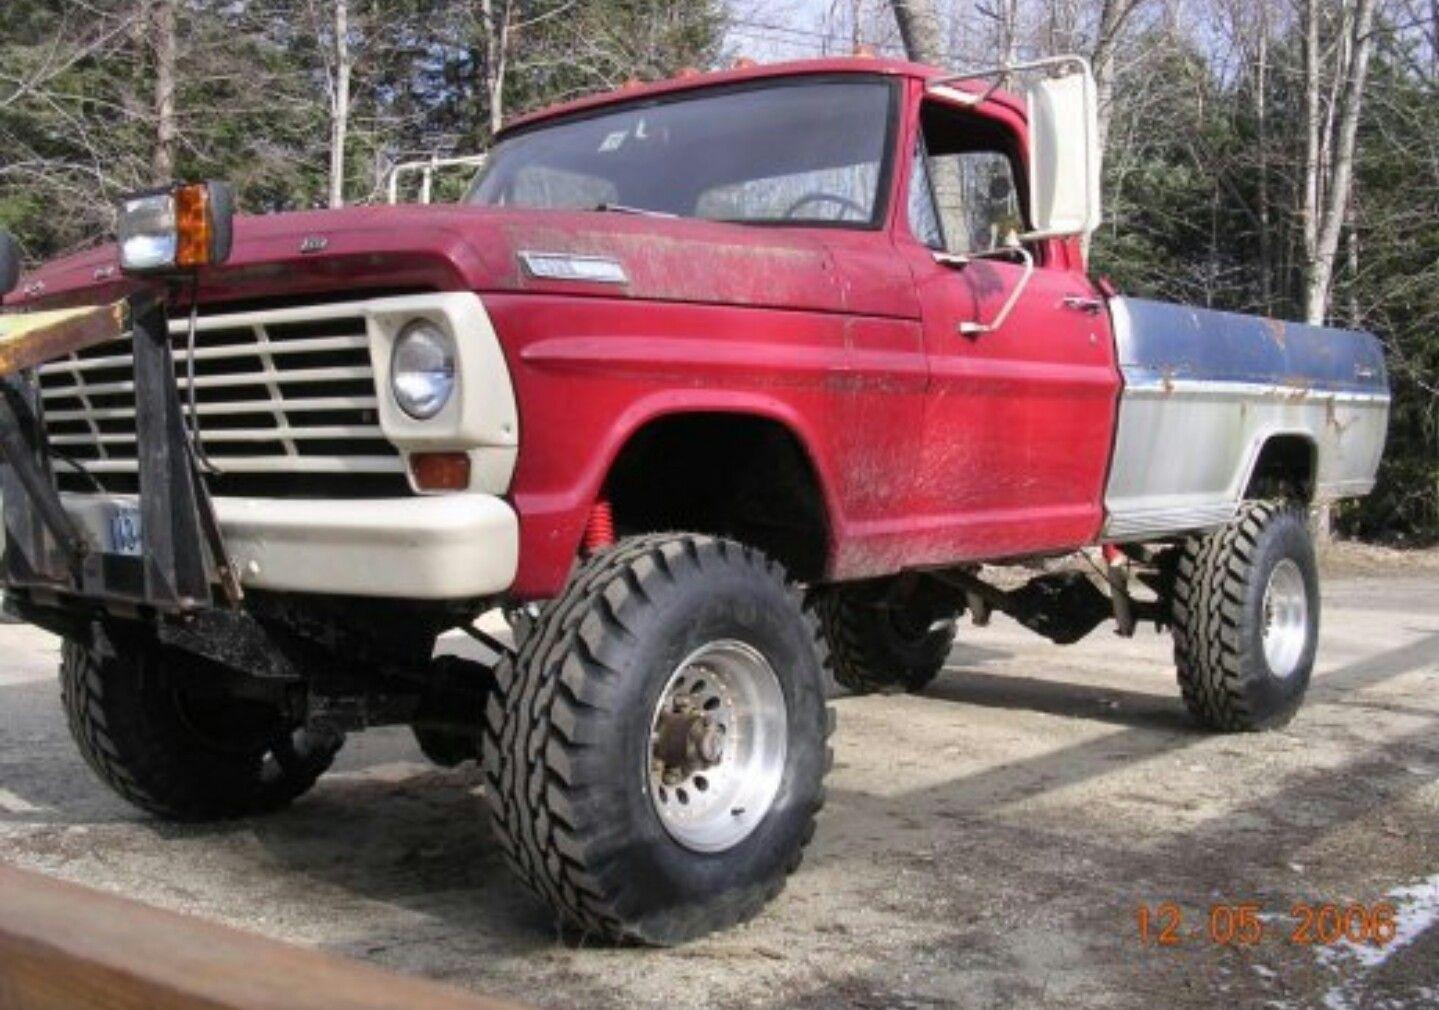 67 Ford Highboy Ford Trucks 4x4 Trucks Cool Trucks